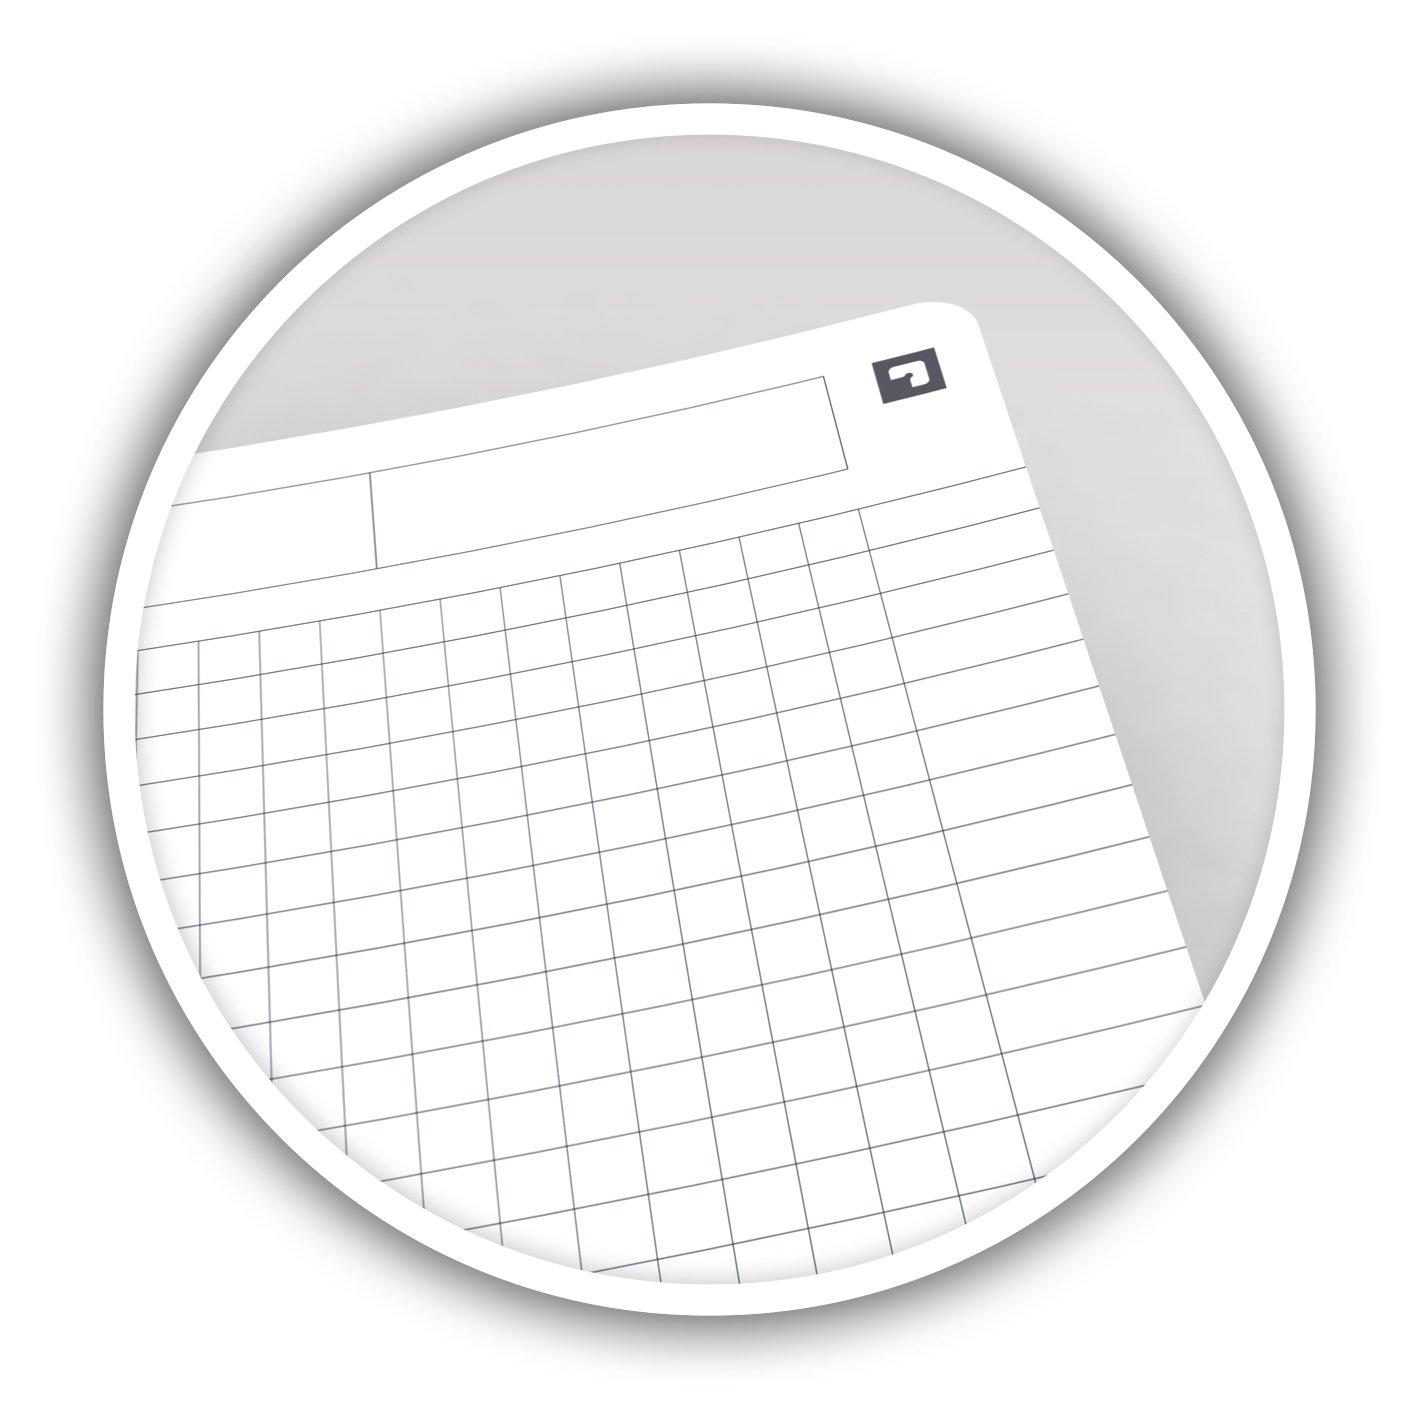 Lote de 10 cuadernos de espiral A5 14,8 x 21 cm, cuadr/ícula grande, varios colores Oxford Essentials